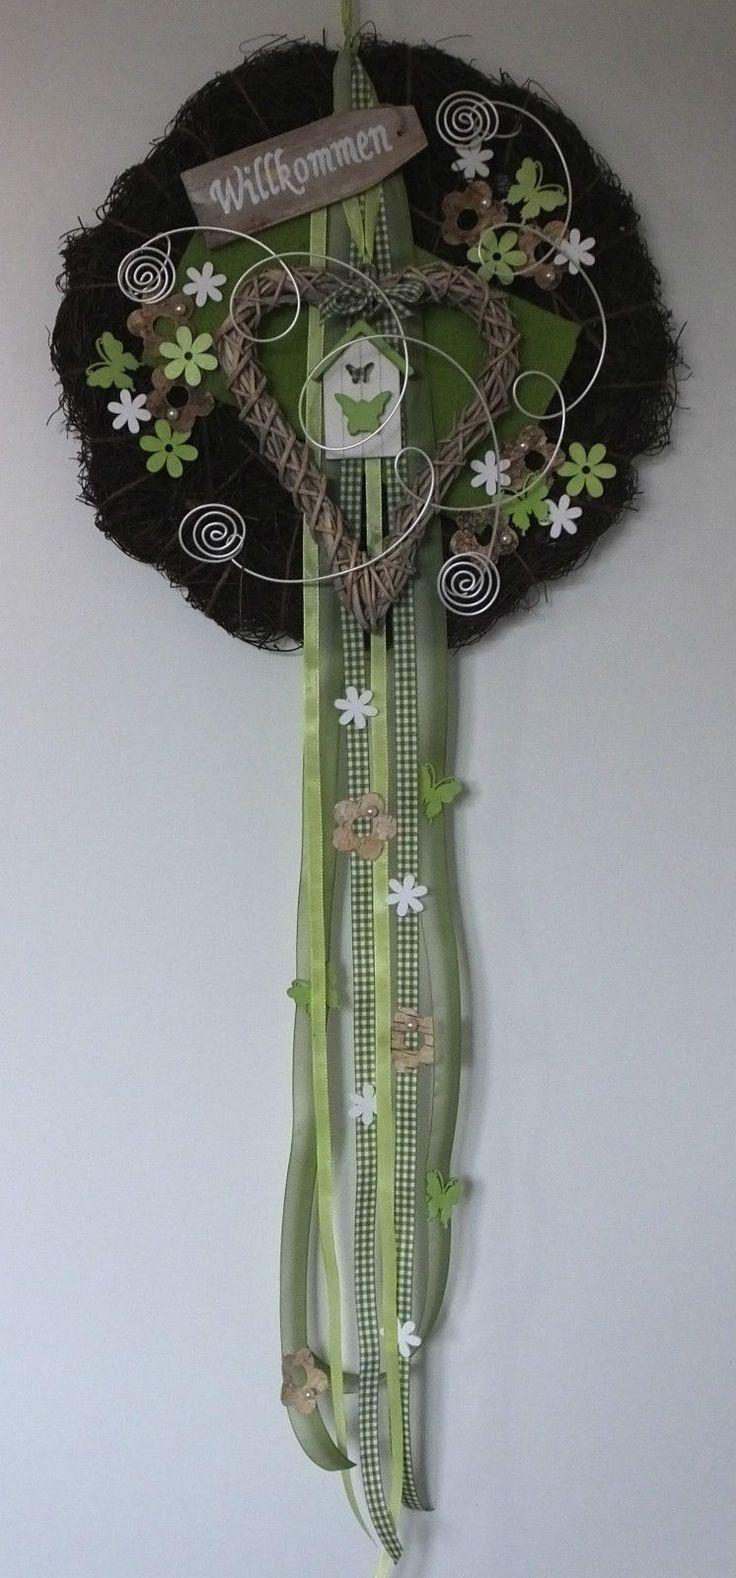 Türkranz, Türschmuck, Willkommen, Herz, Frühling, Sommer, grün in Möbel & Wohnen, Dekoration, Außen- & Türdekoration | eBay